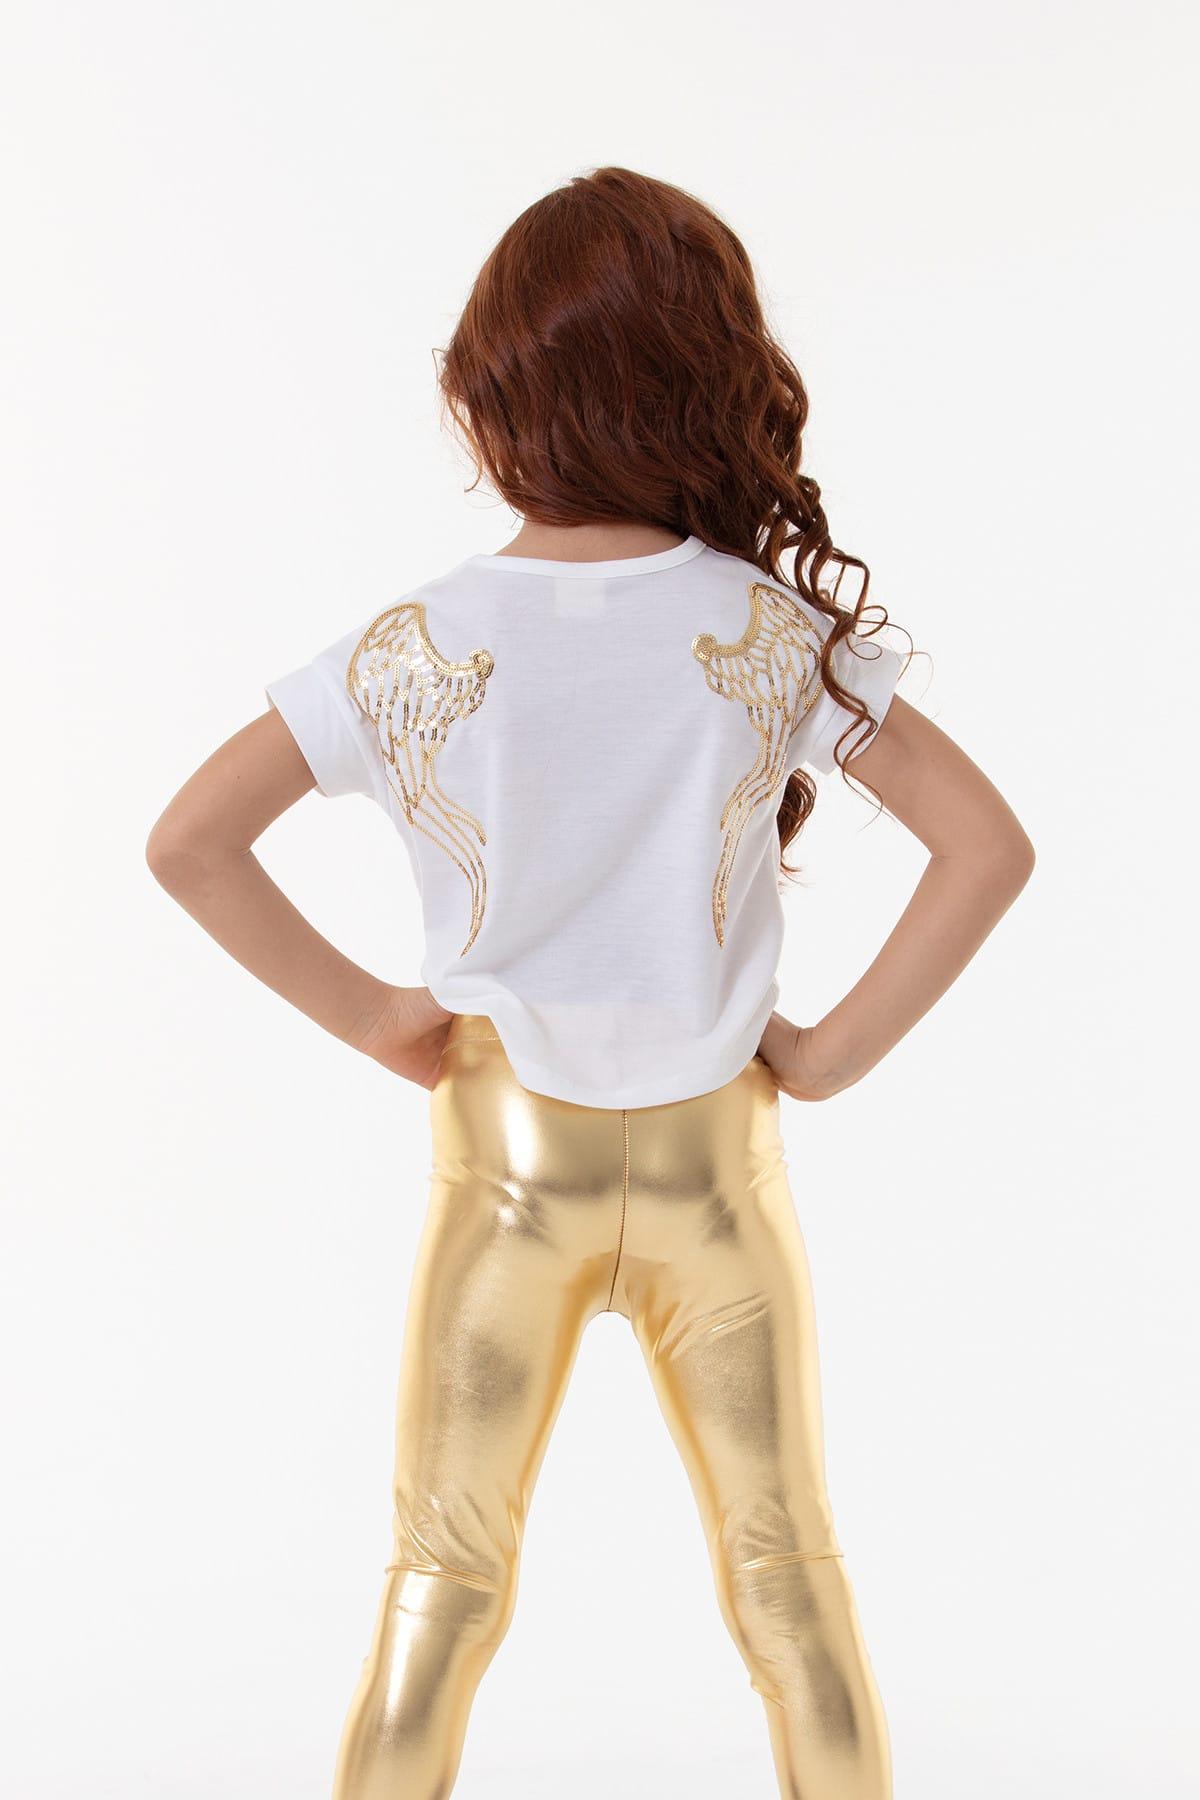 Colorinas Angel Tshirt Short Sleeve White 2